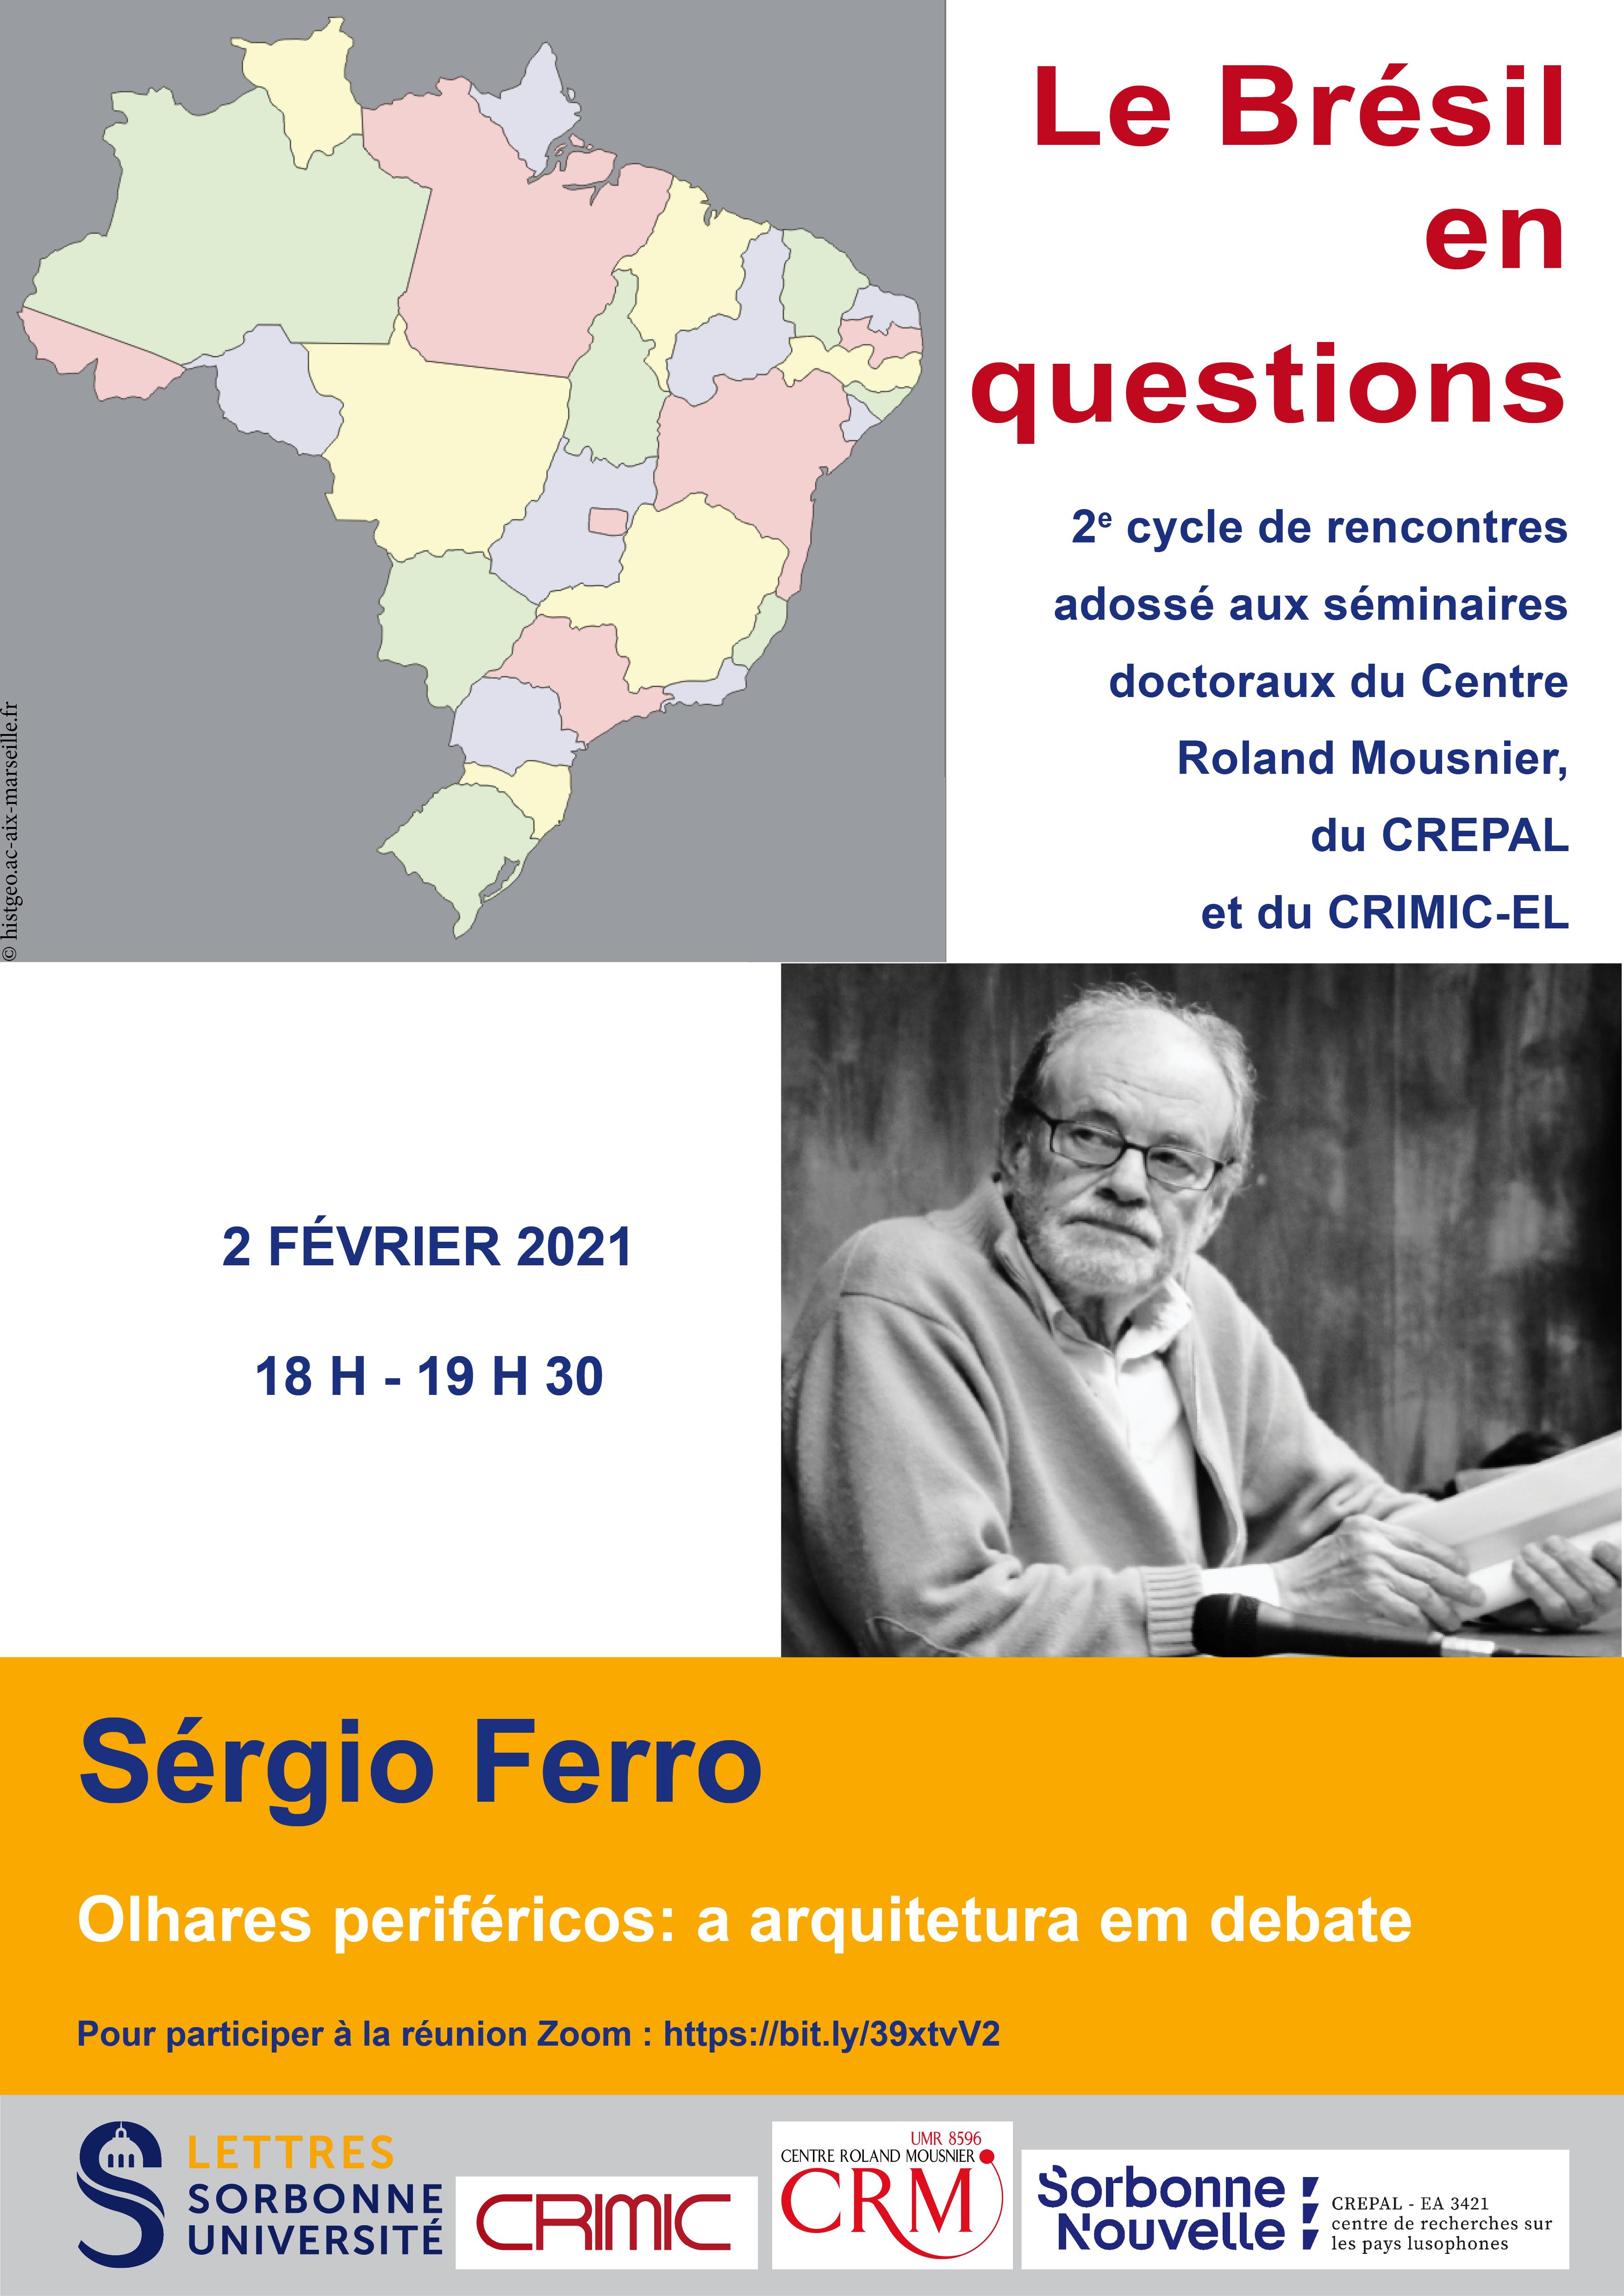 Sérgio Ferro, Olhares periféricos: a arquitetura brasileira em debate